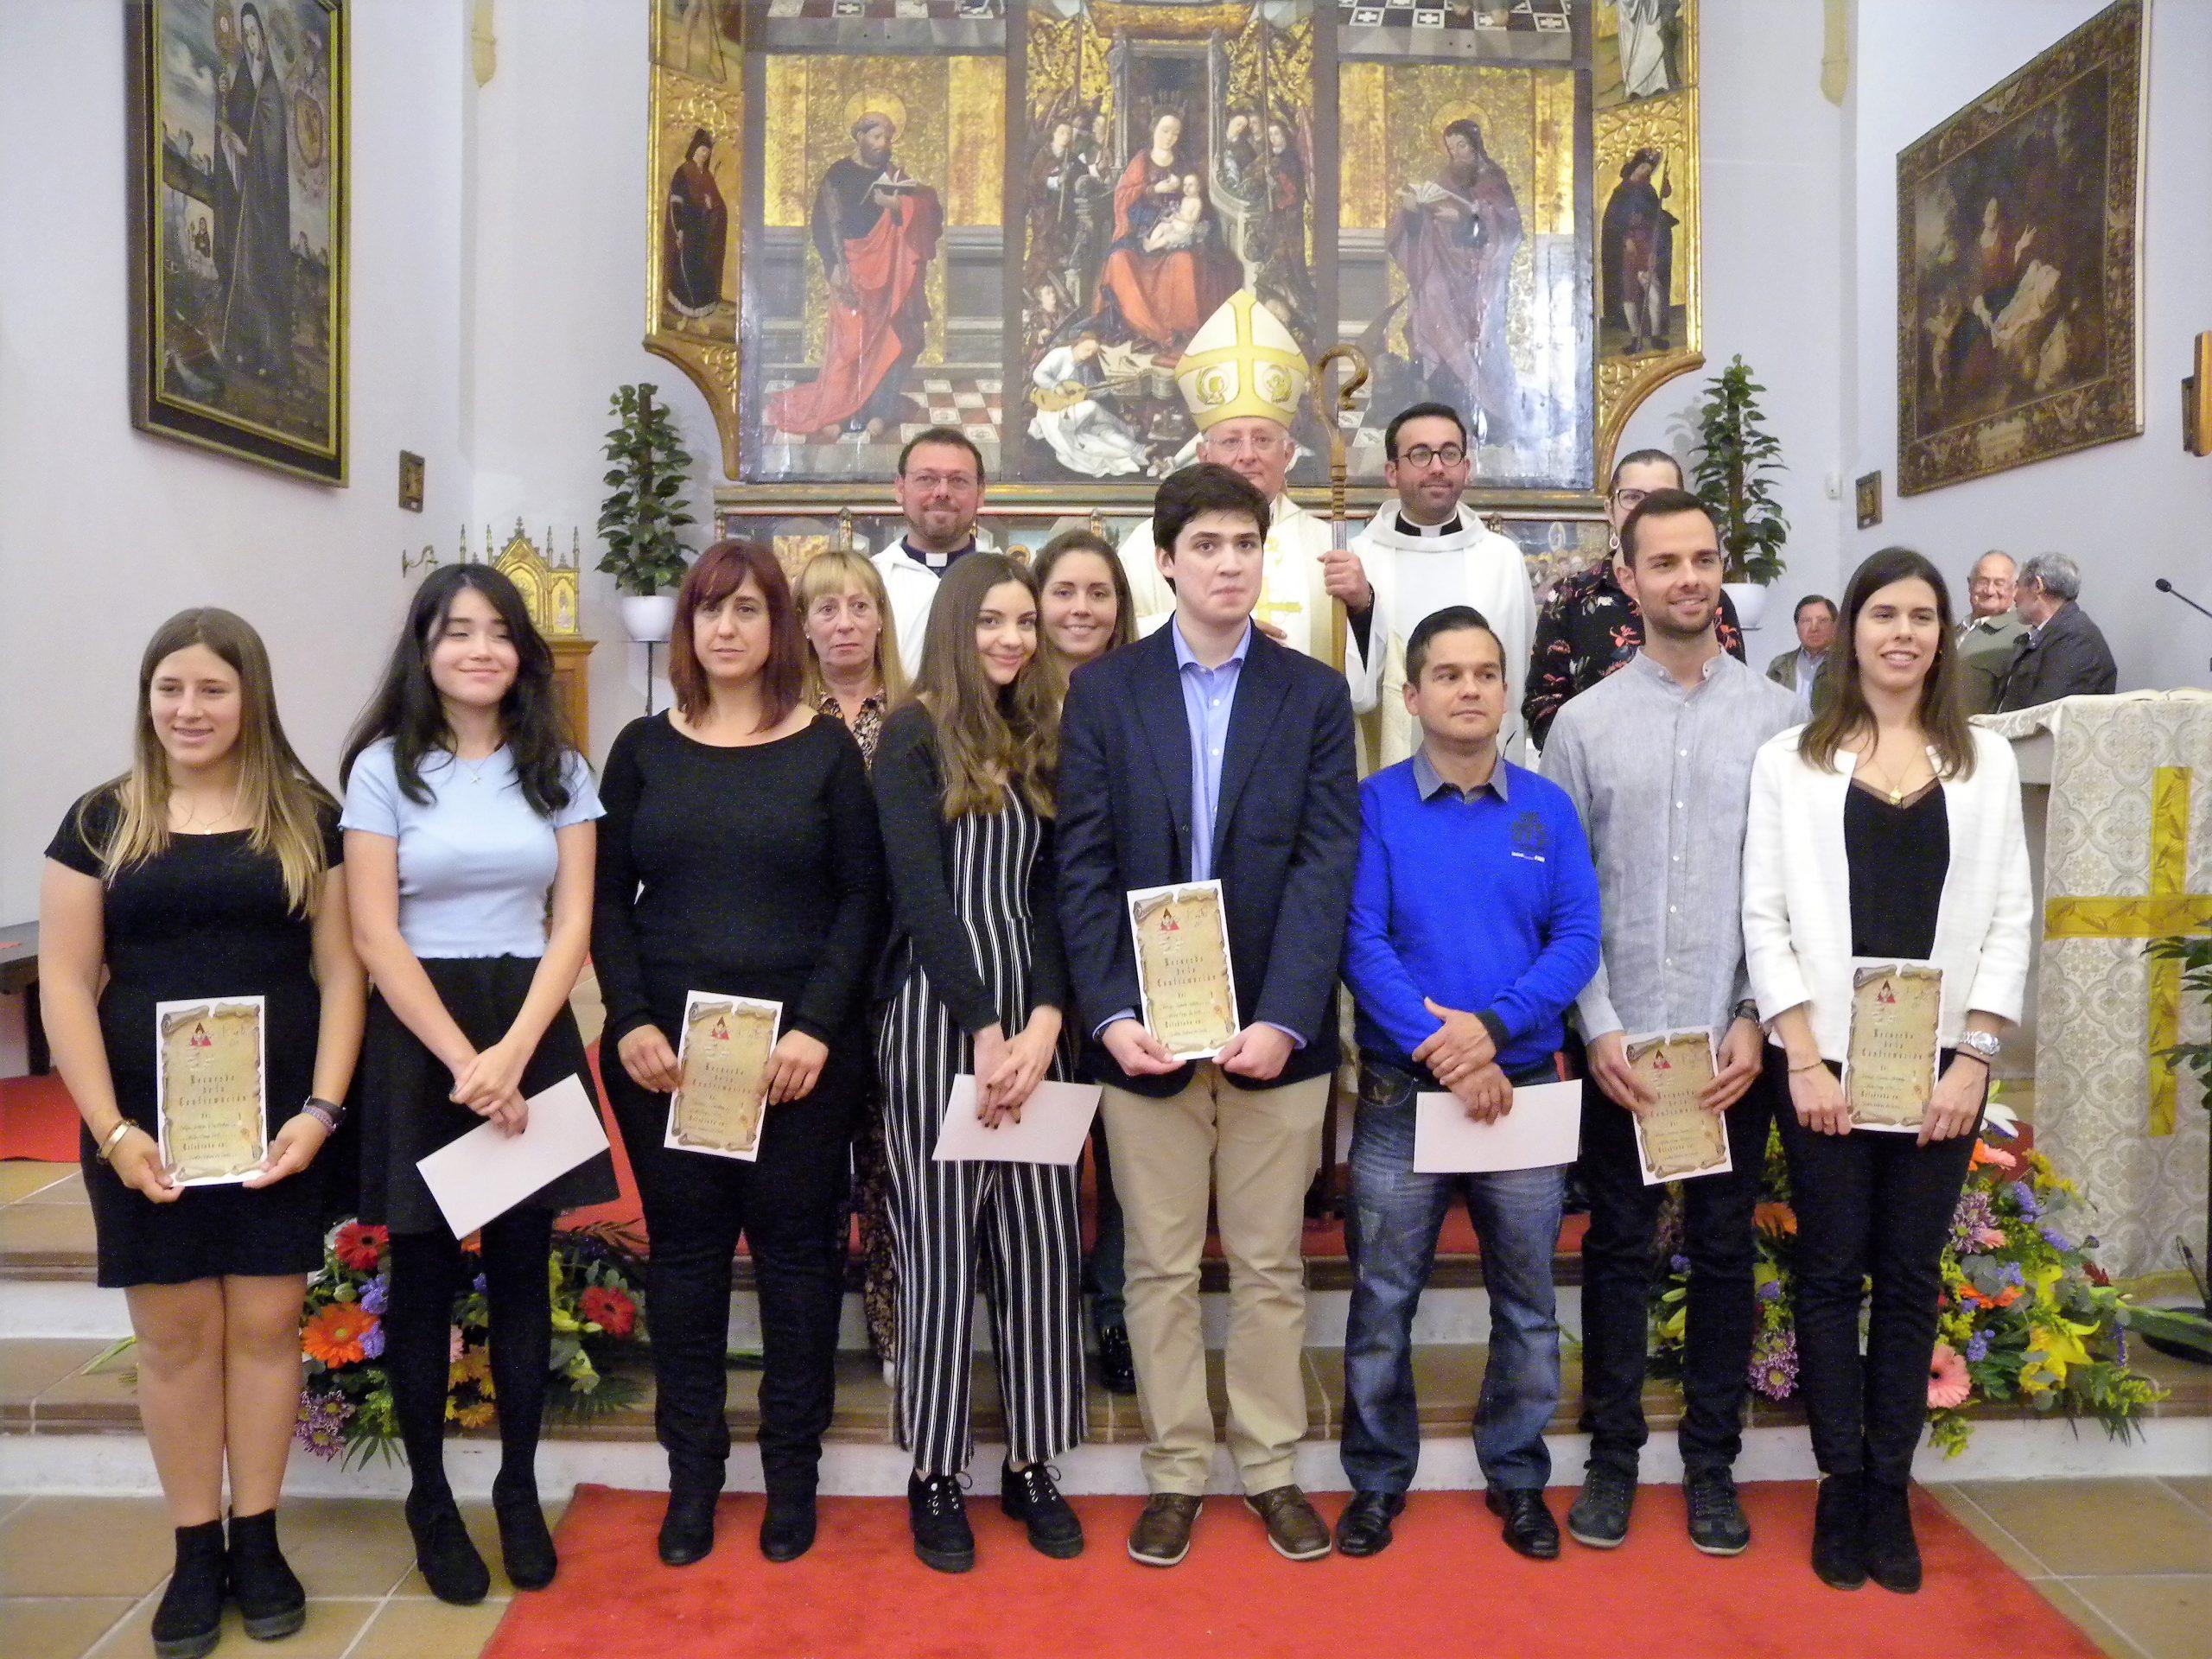 CONFIRMACIONES EN LA PARROQUIA DE NUESTRA SEÑORA DE JESÚS